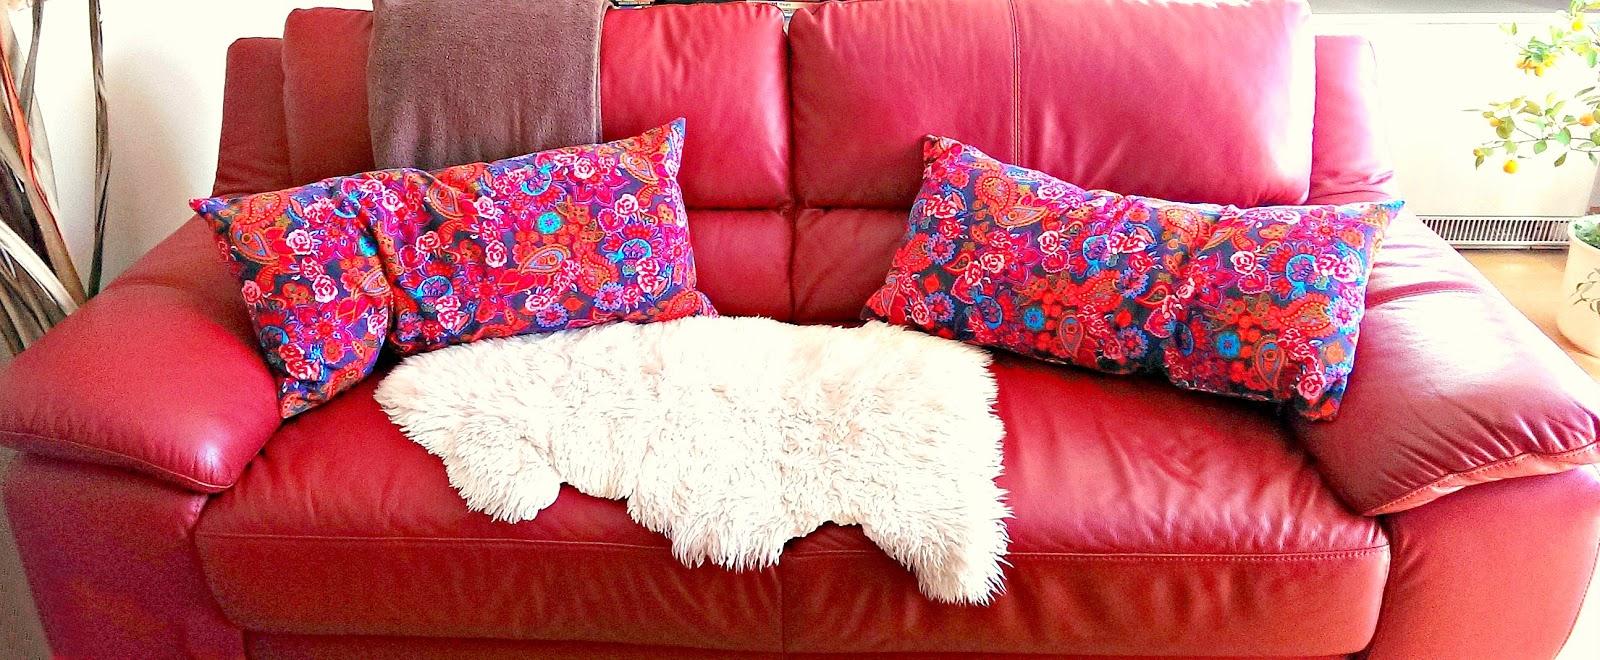 selbstgenähte Kissen aus Stenzo Stoff auf der Couch